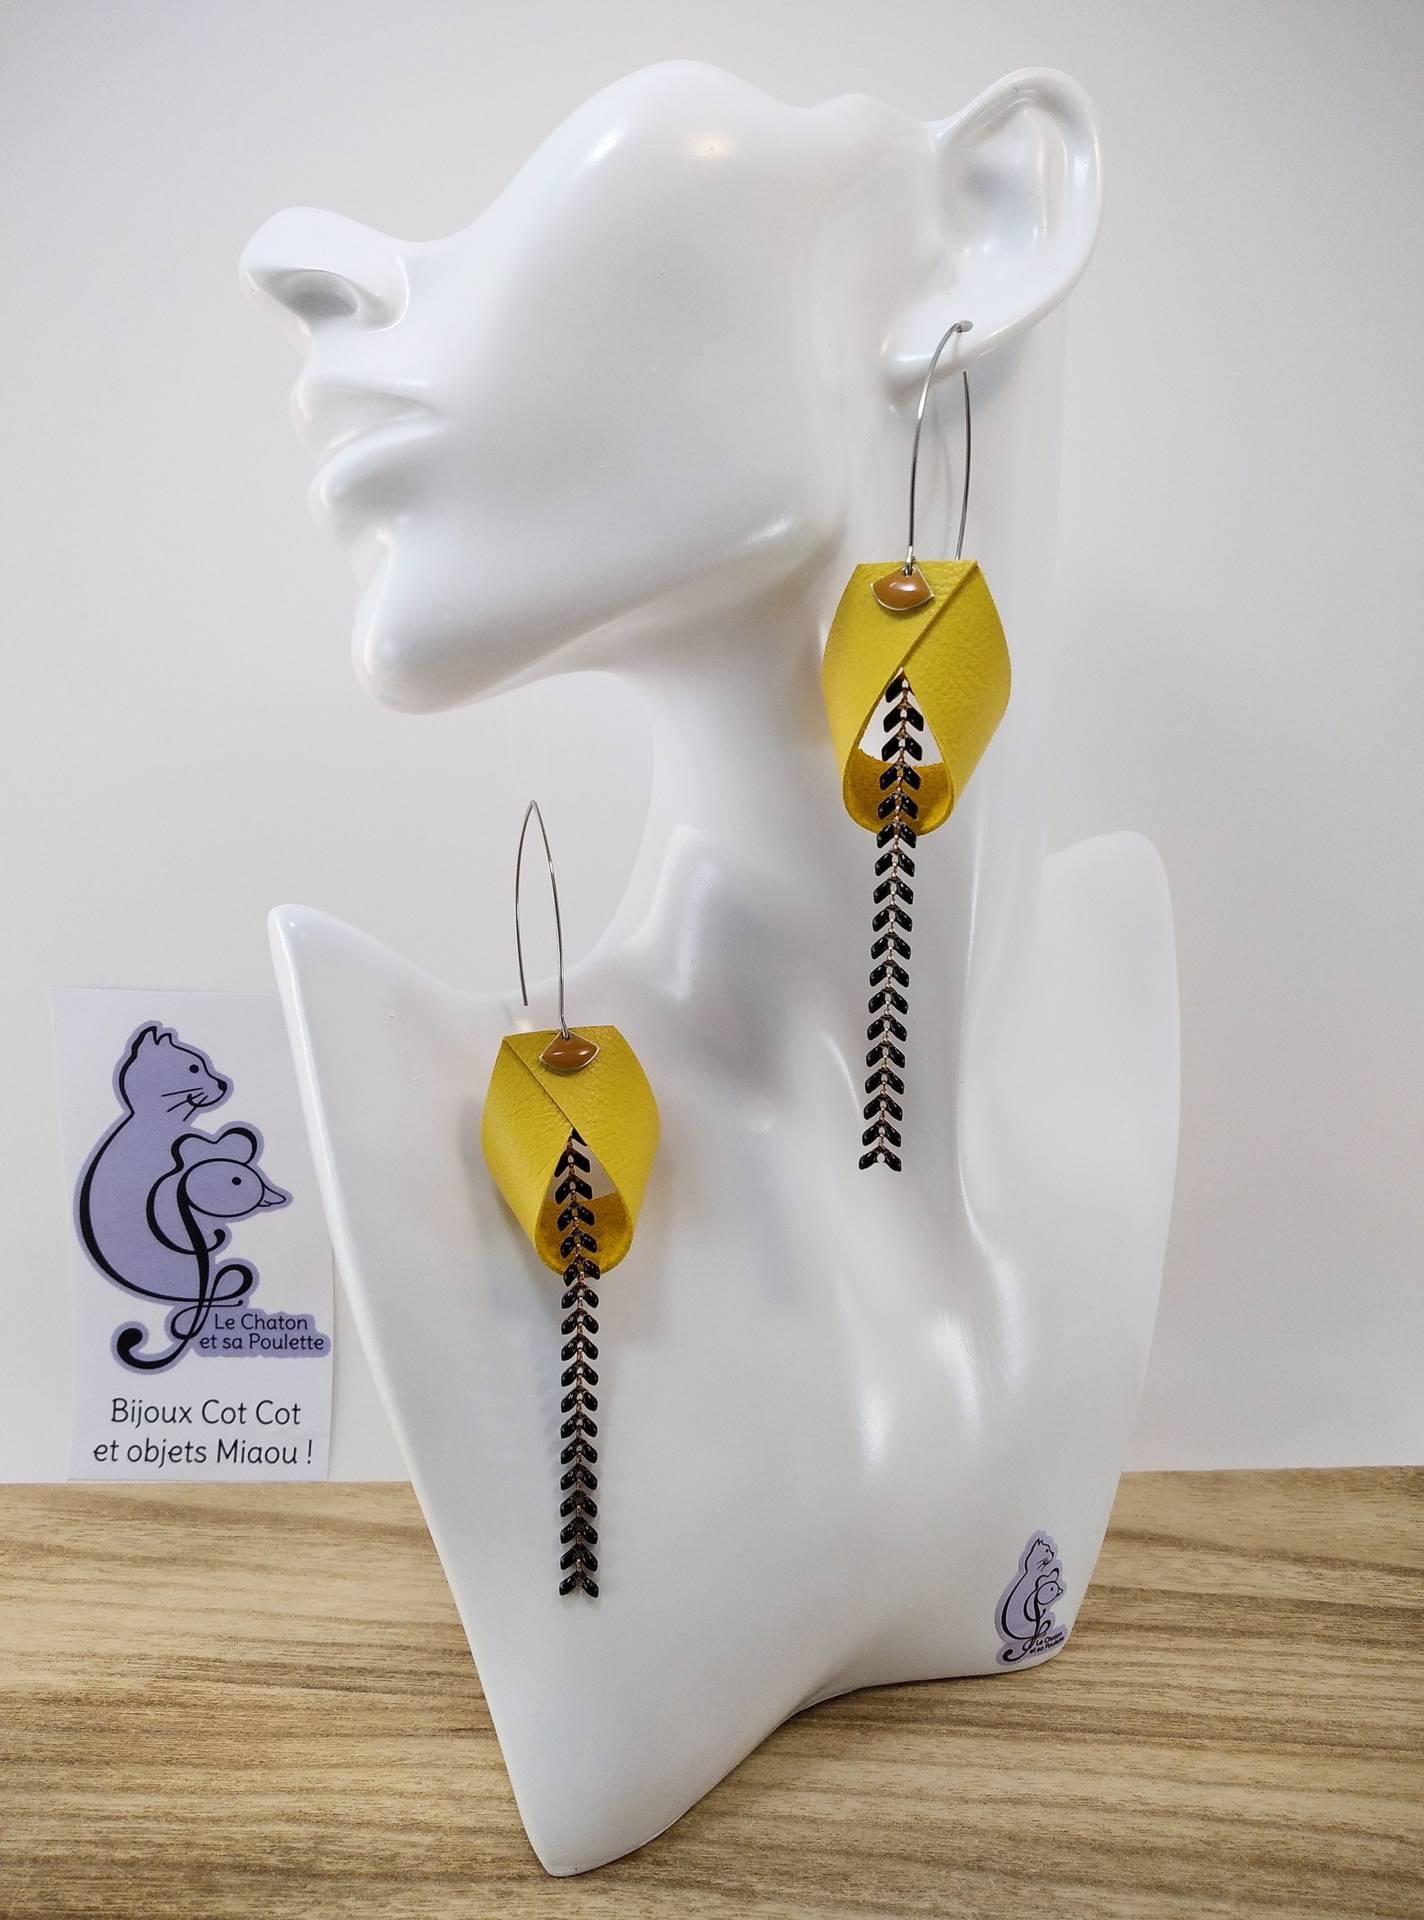 VENDUES ! B.O. FORMIDABLE modèle 2 Cuir jaune, breloque éventail moutarde et chaine épis noir